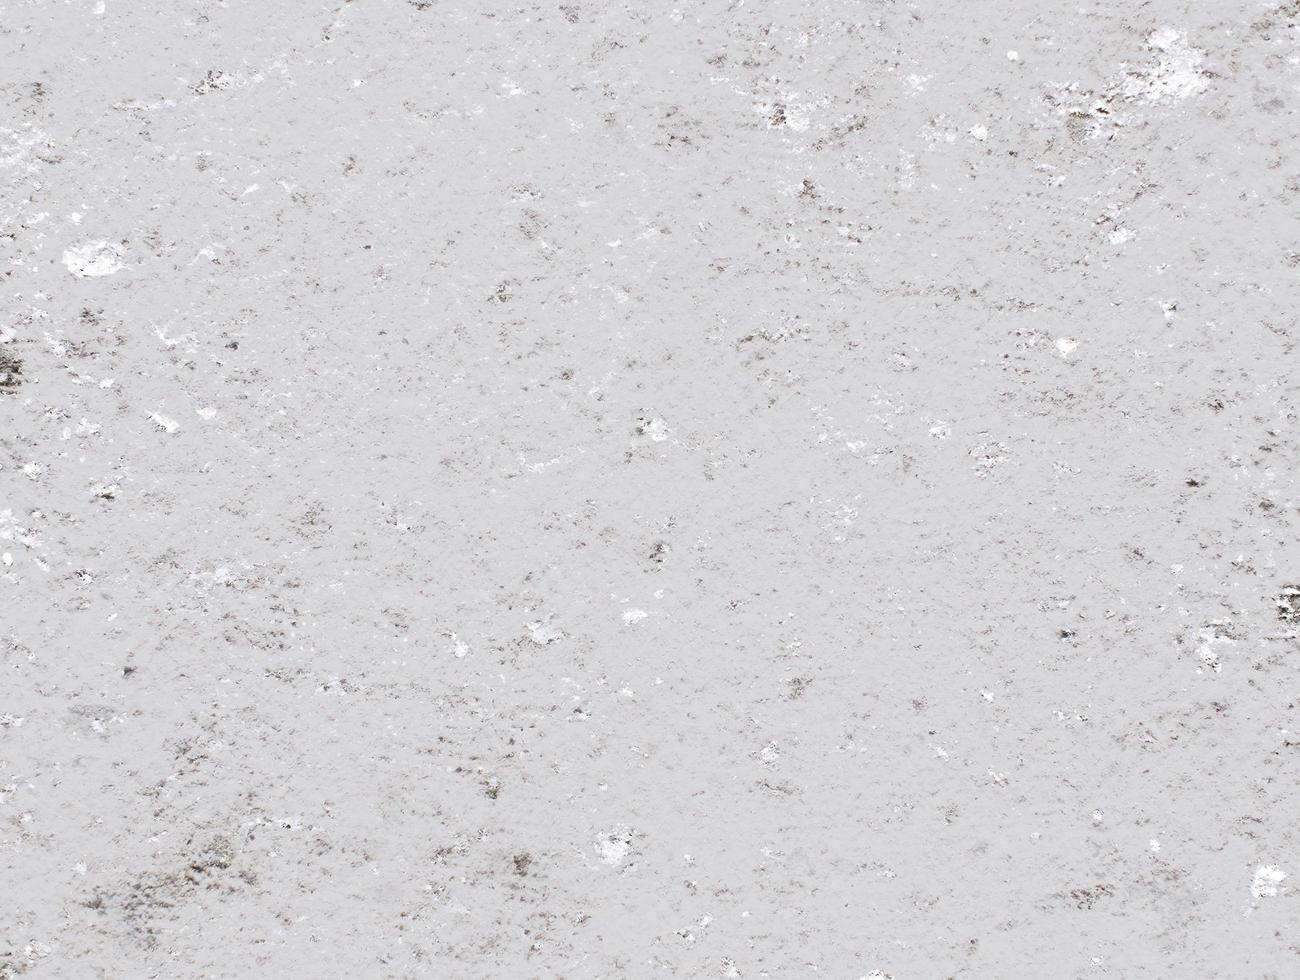 granit sten textur bakgrund foto